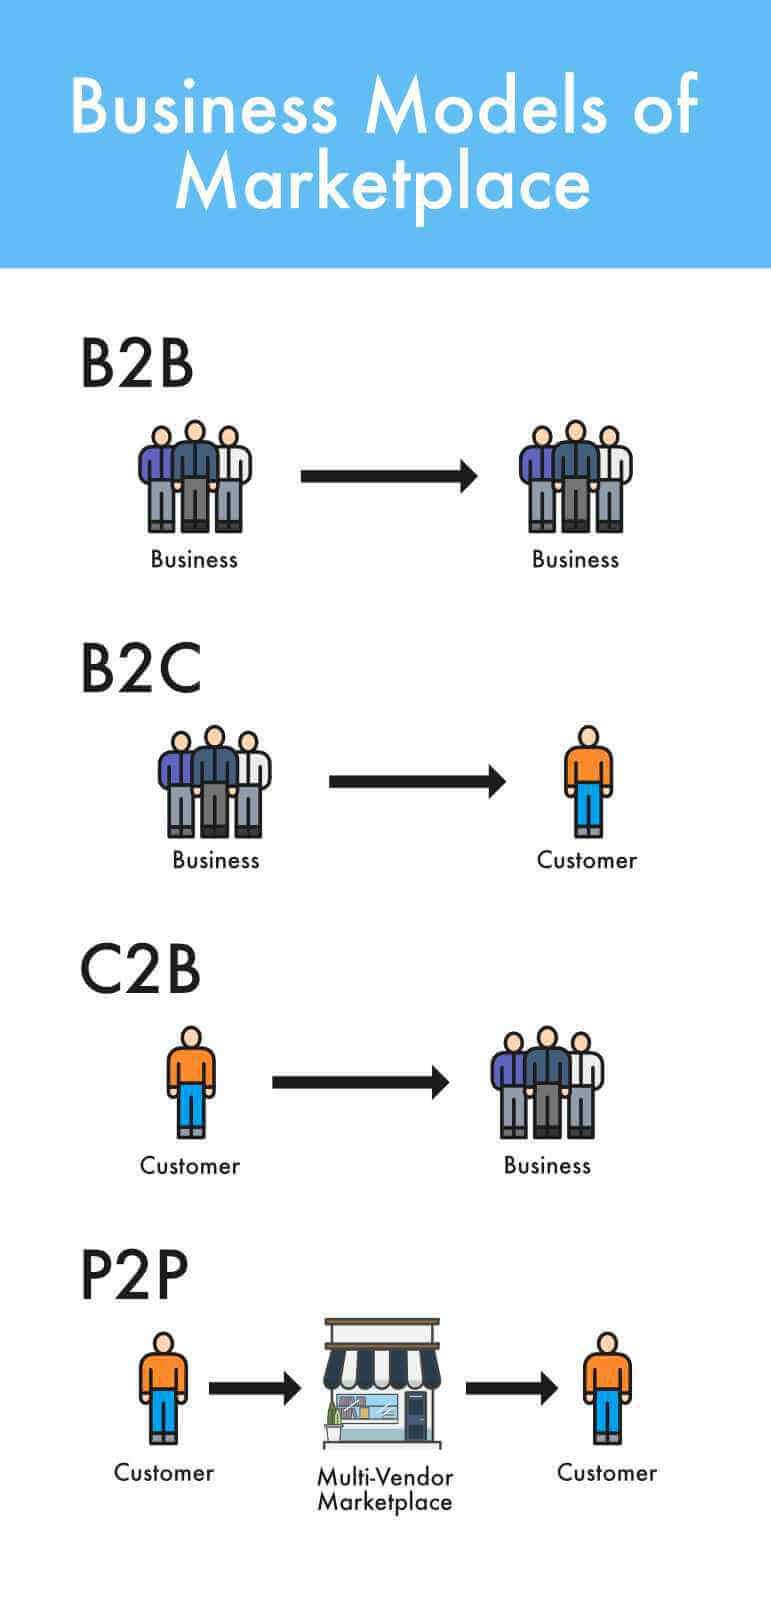 Multivendor Marketplace Business Models